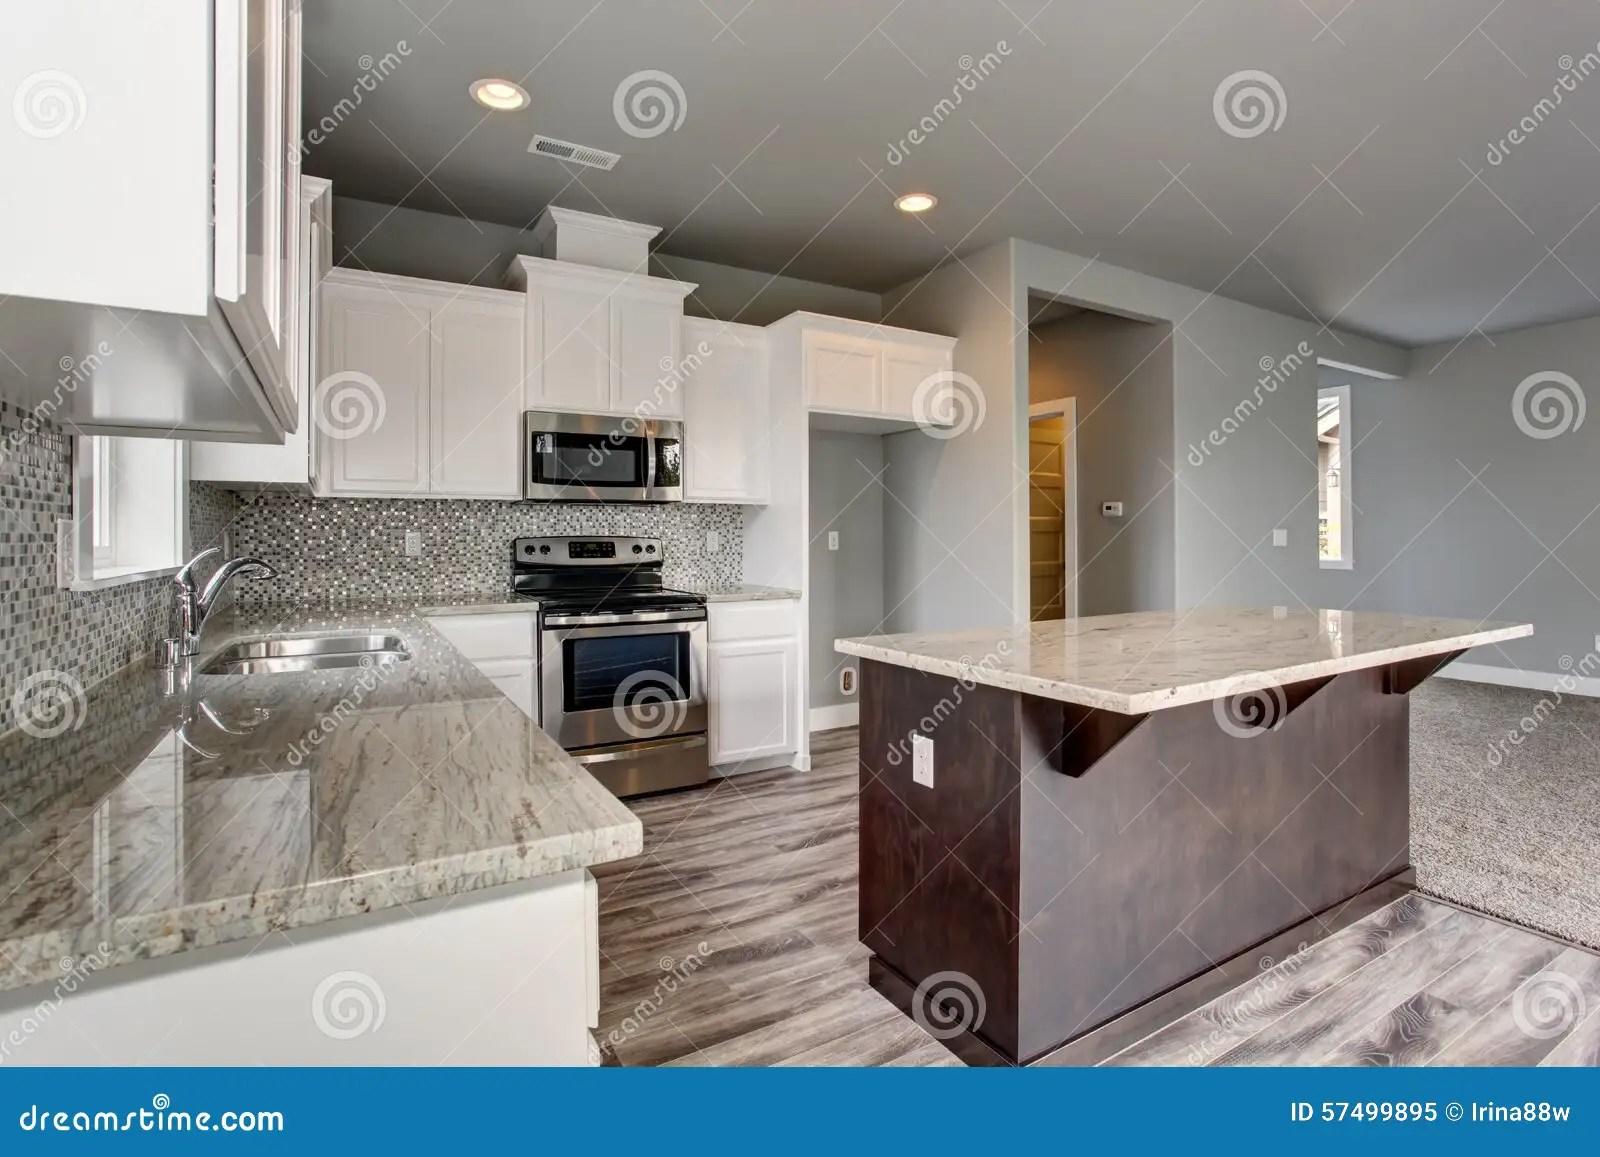 Piastrelle cucina grigie piastrelle pavimento a scacchiera nella